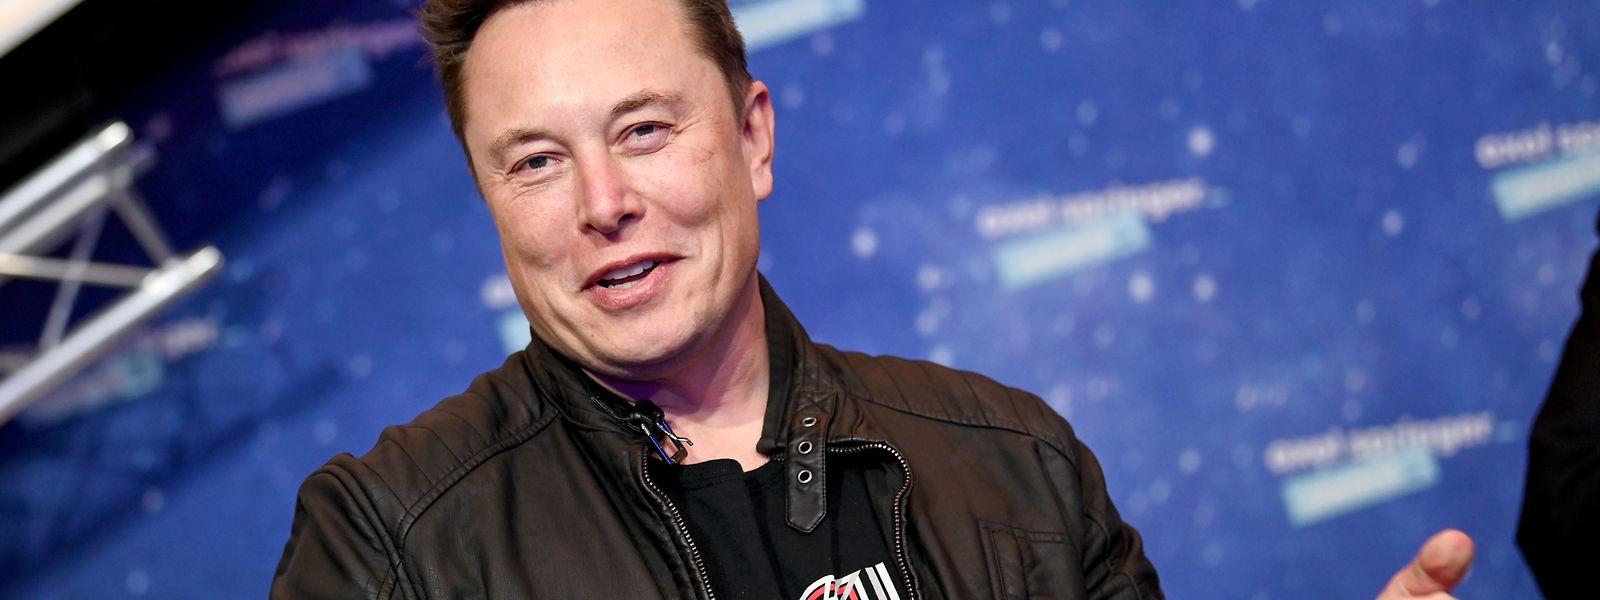 Die atemberaubende Kursrally des US-Elektroautobauers Tesla an der Börse hat Firmenchef Elon Musk zum reichsten Menschen der Welt aufsteigen lassen.